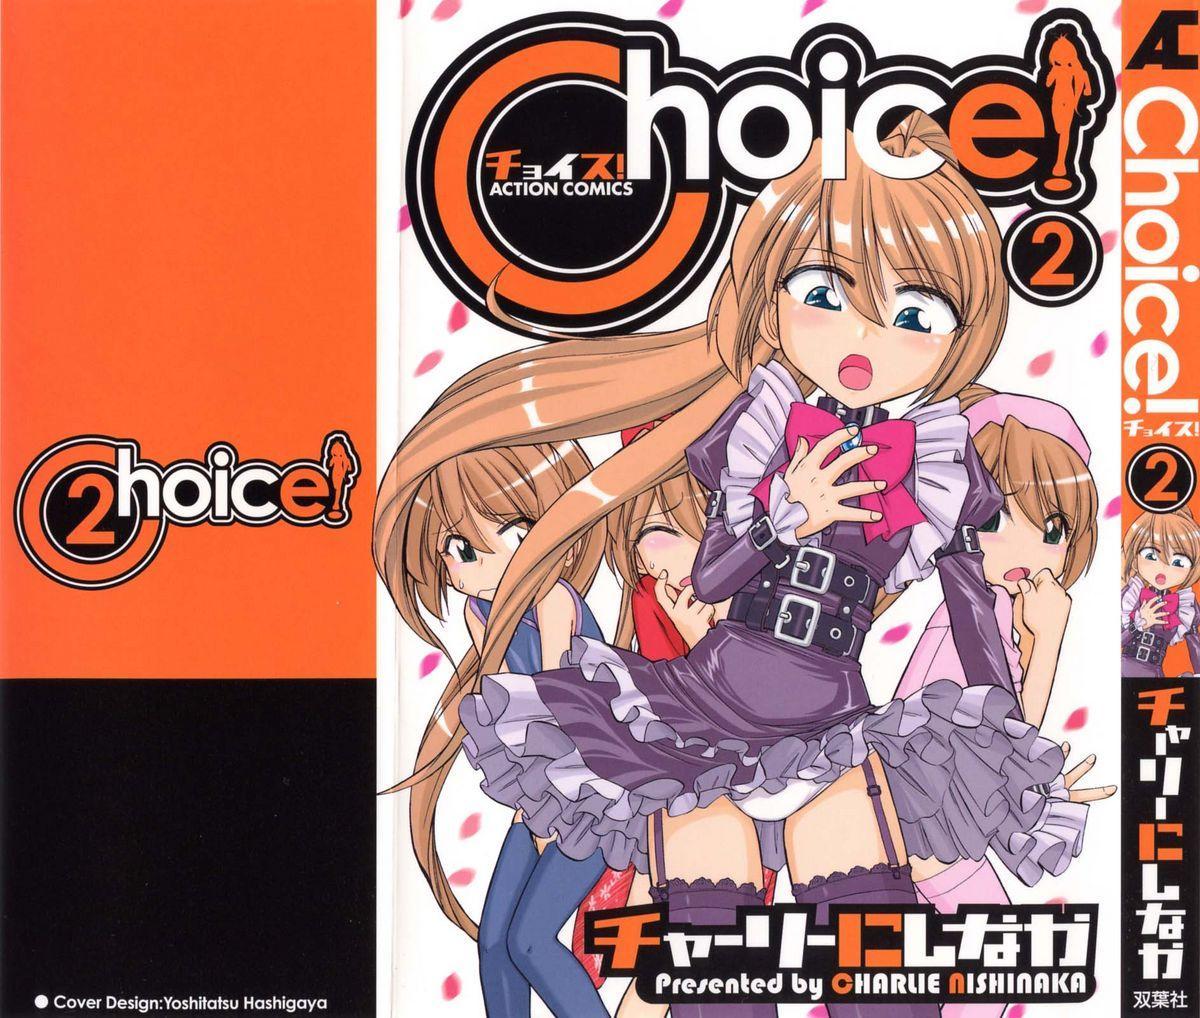 Choice! 02 0